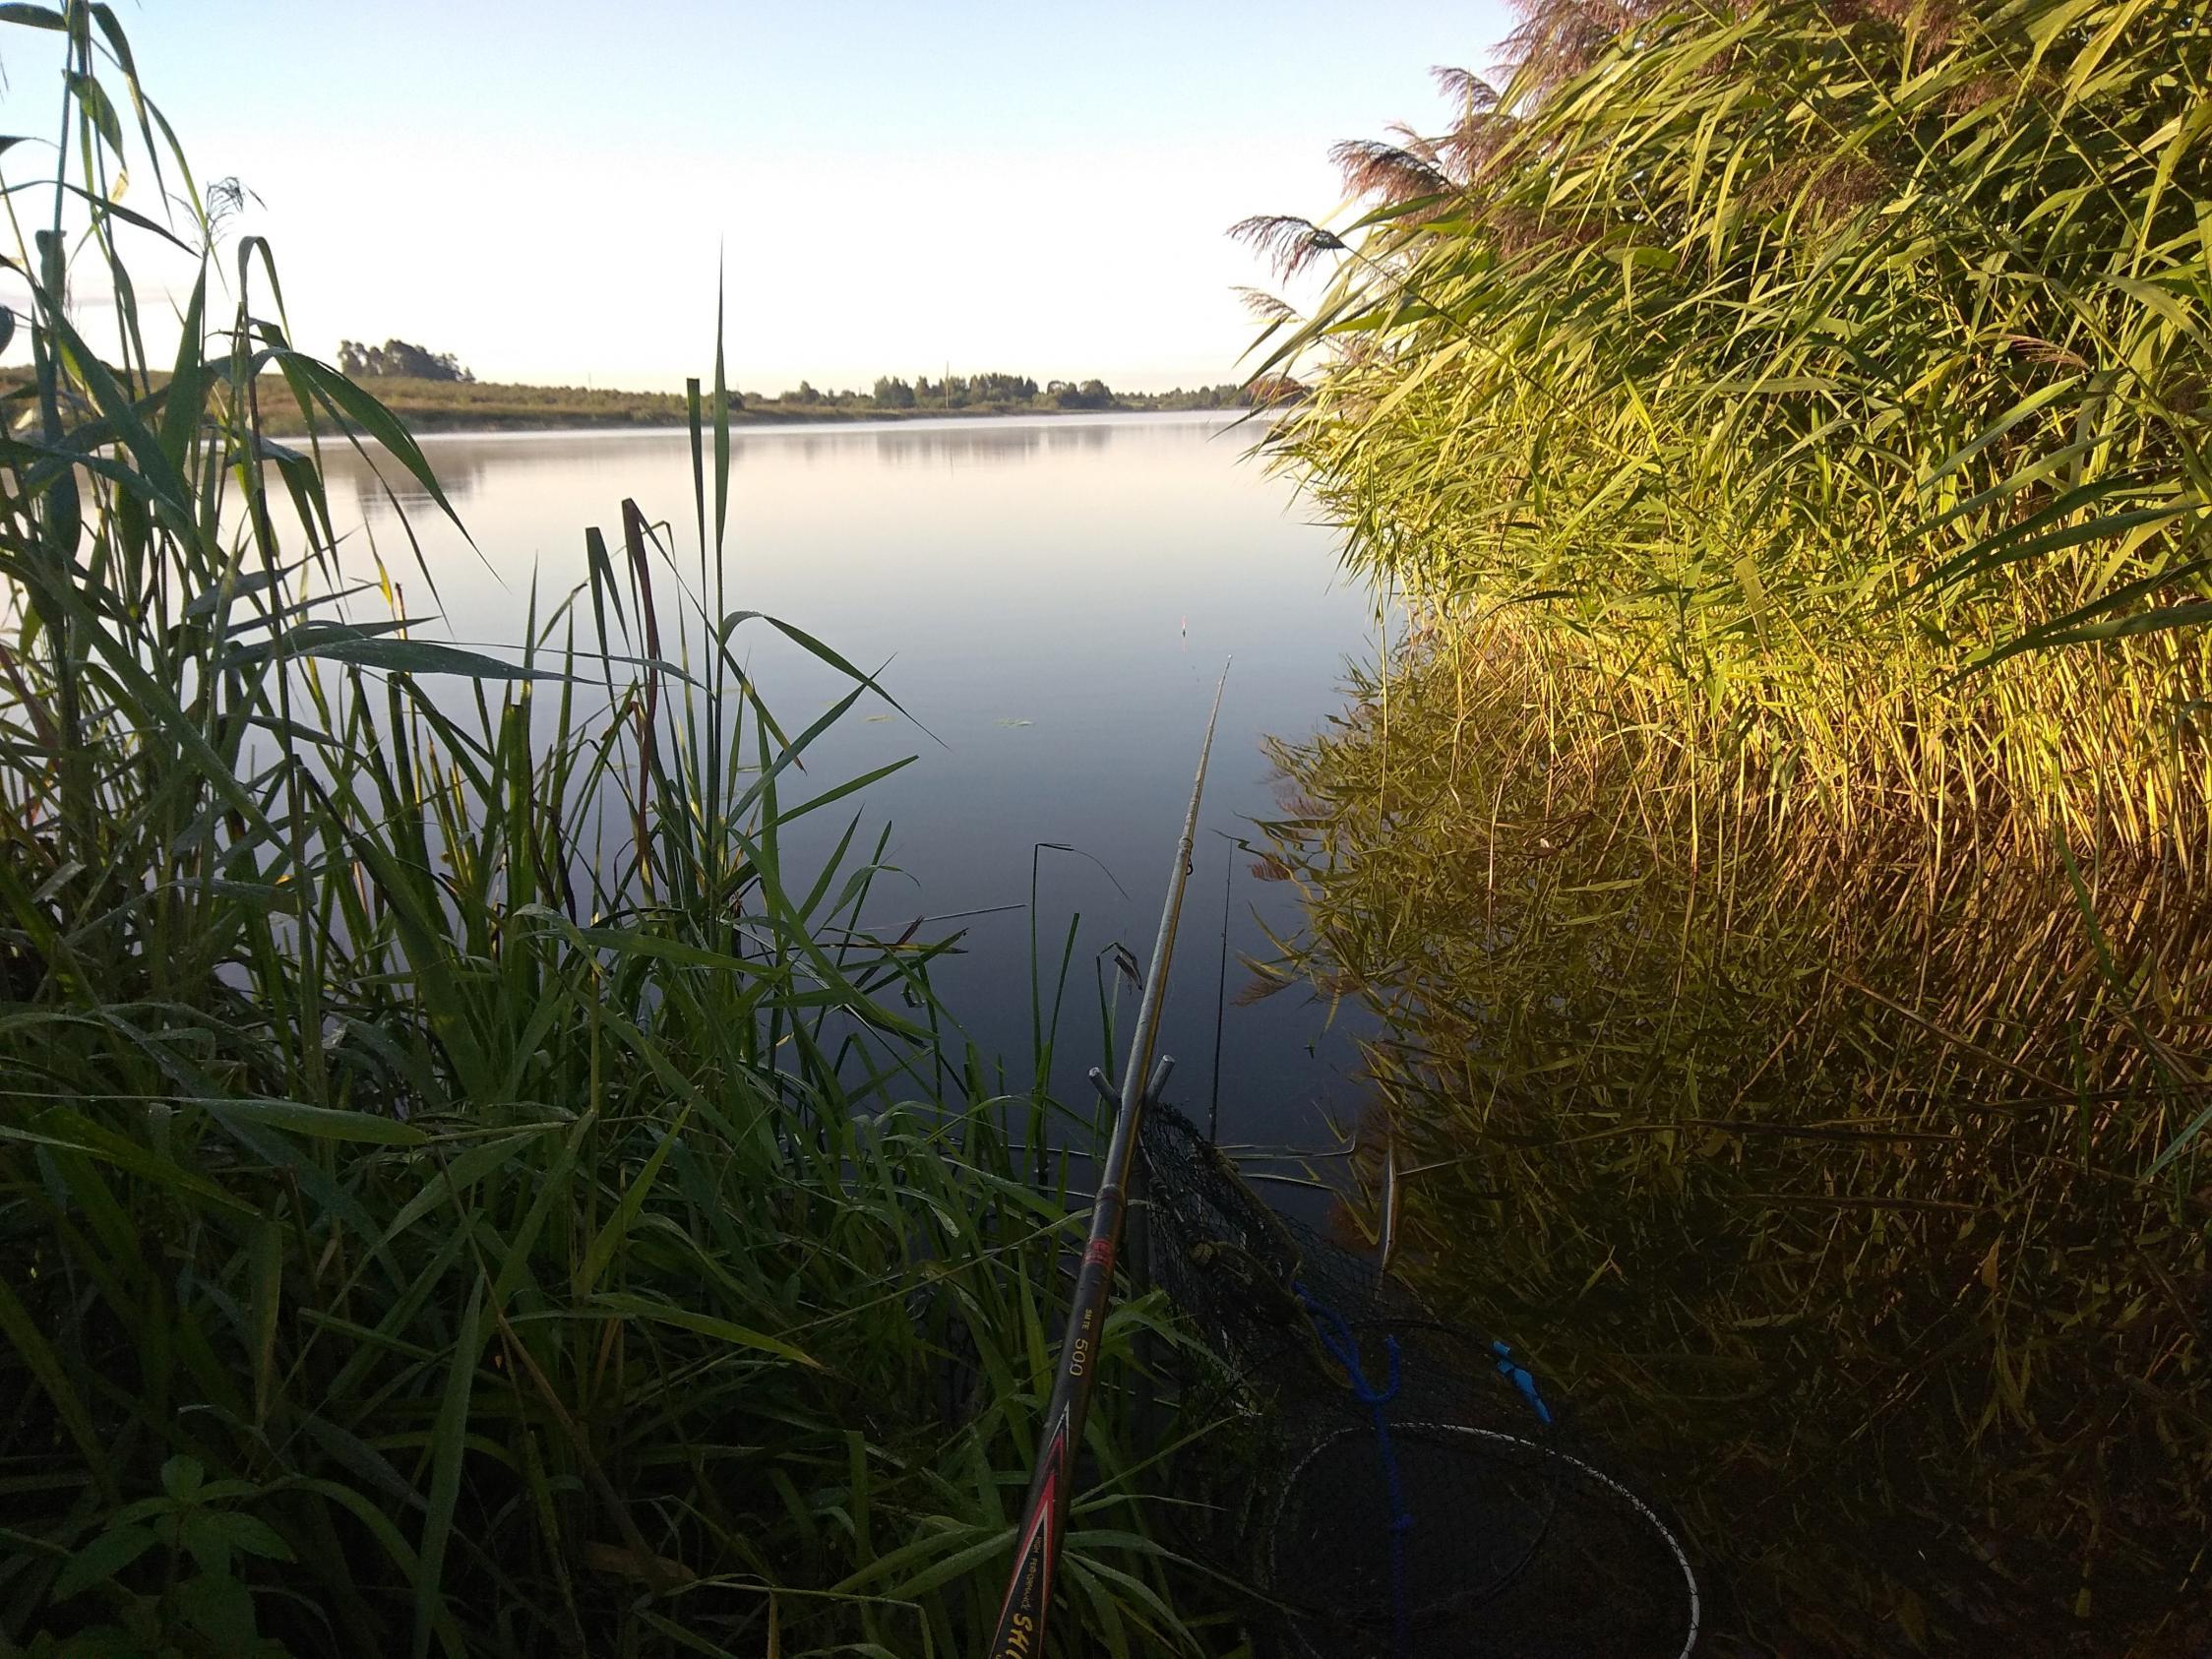 Вчера с 7-20 и до 12 на Старице ...   Отчеты о рыбалке в Беларуси